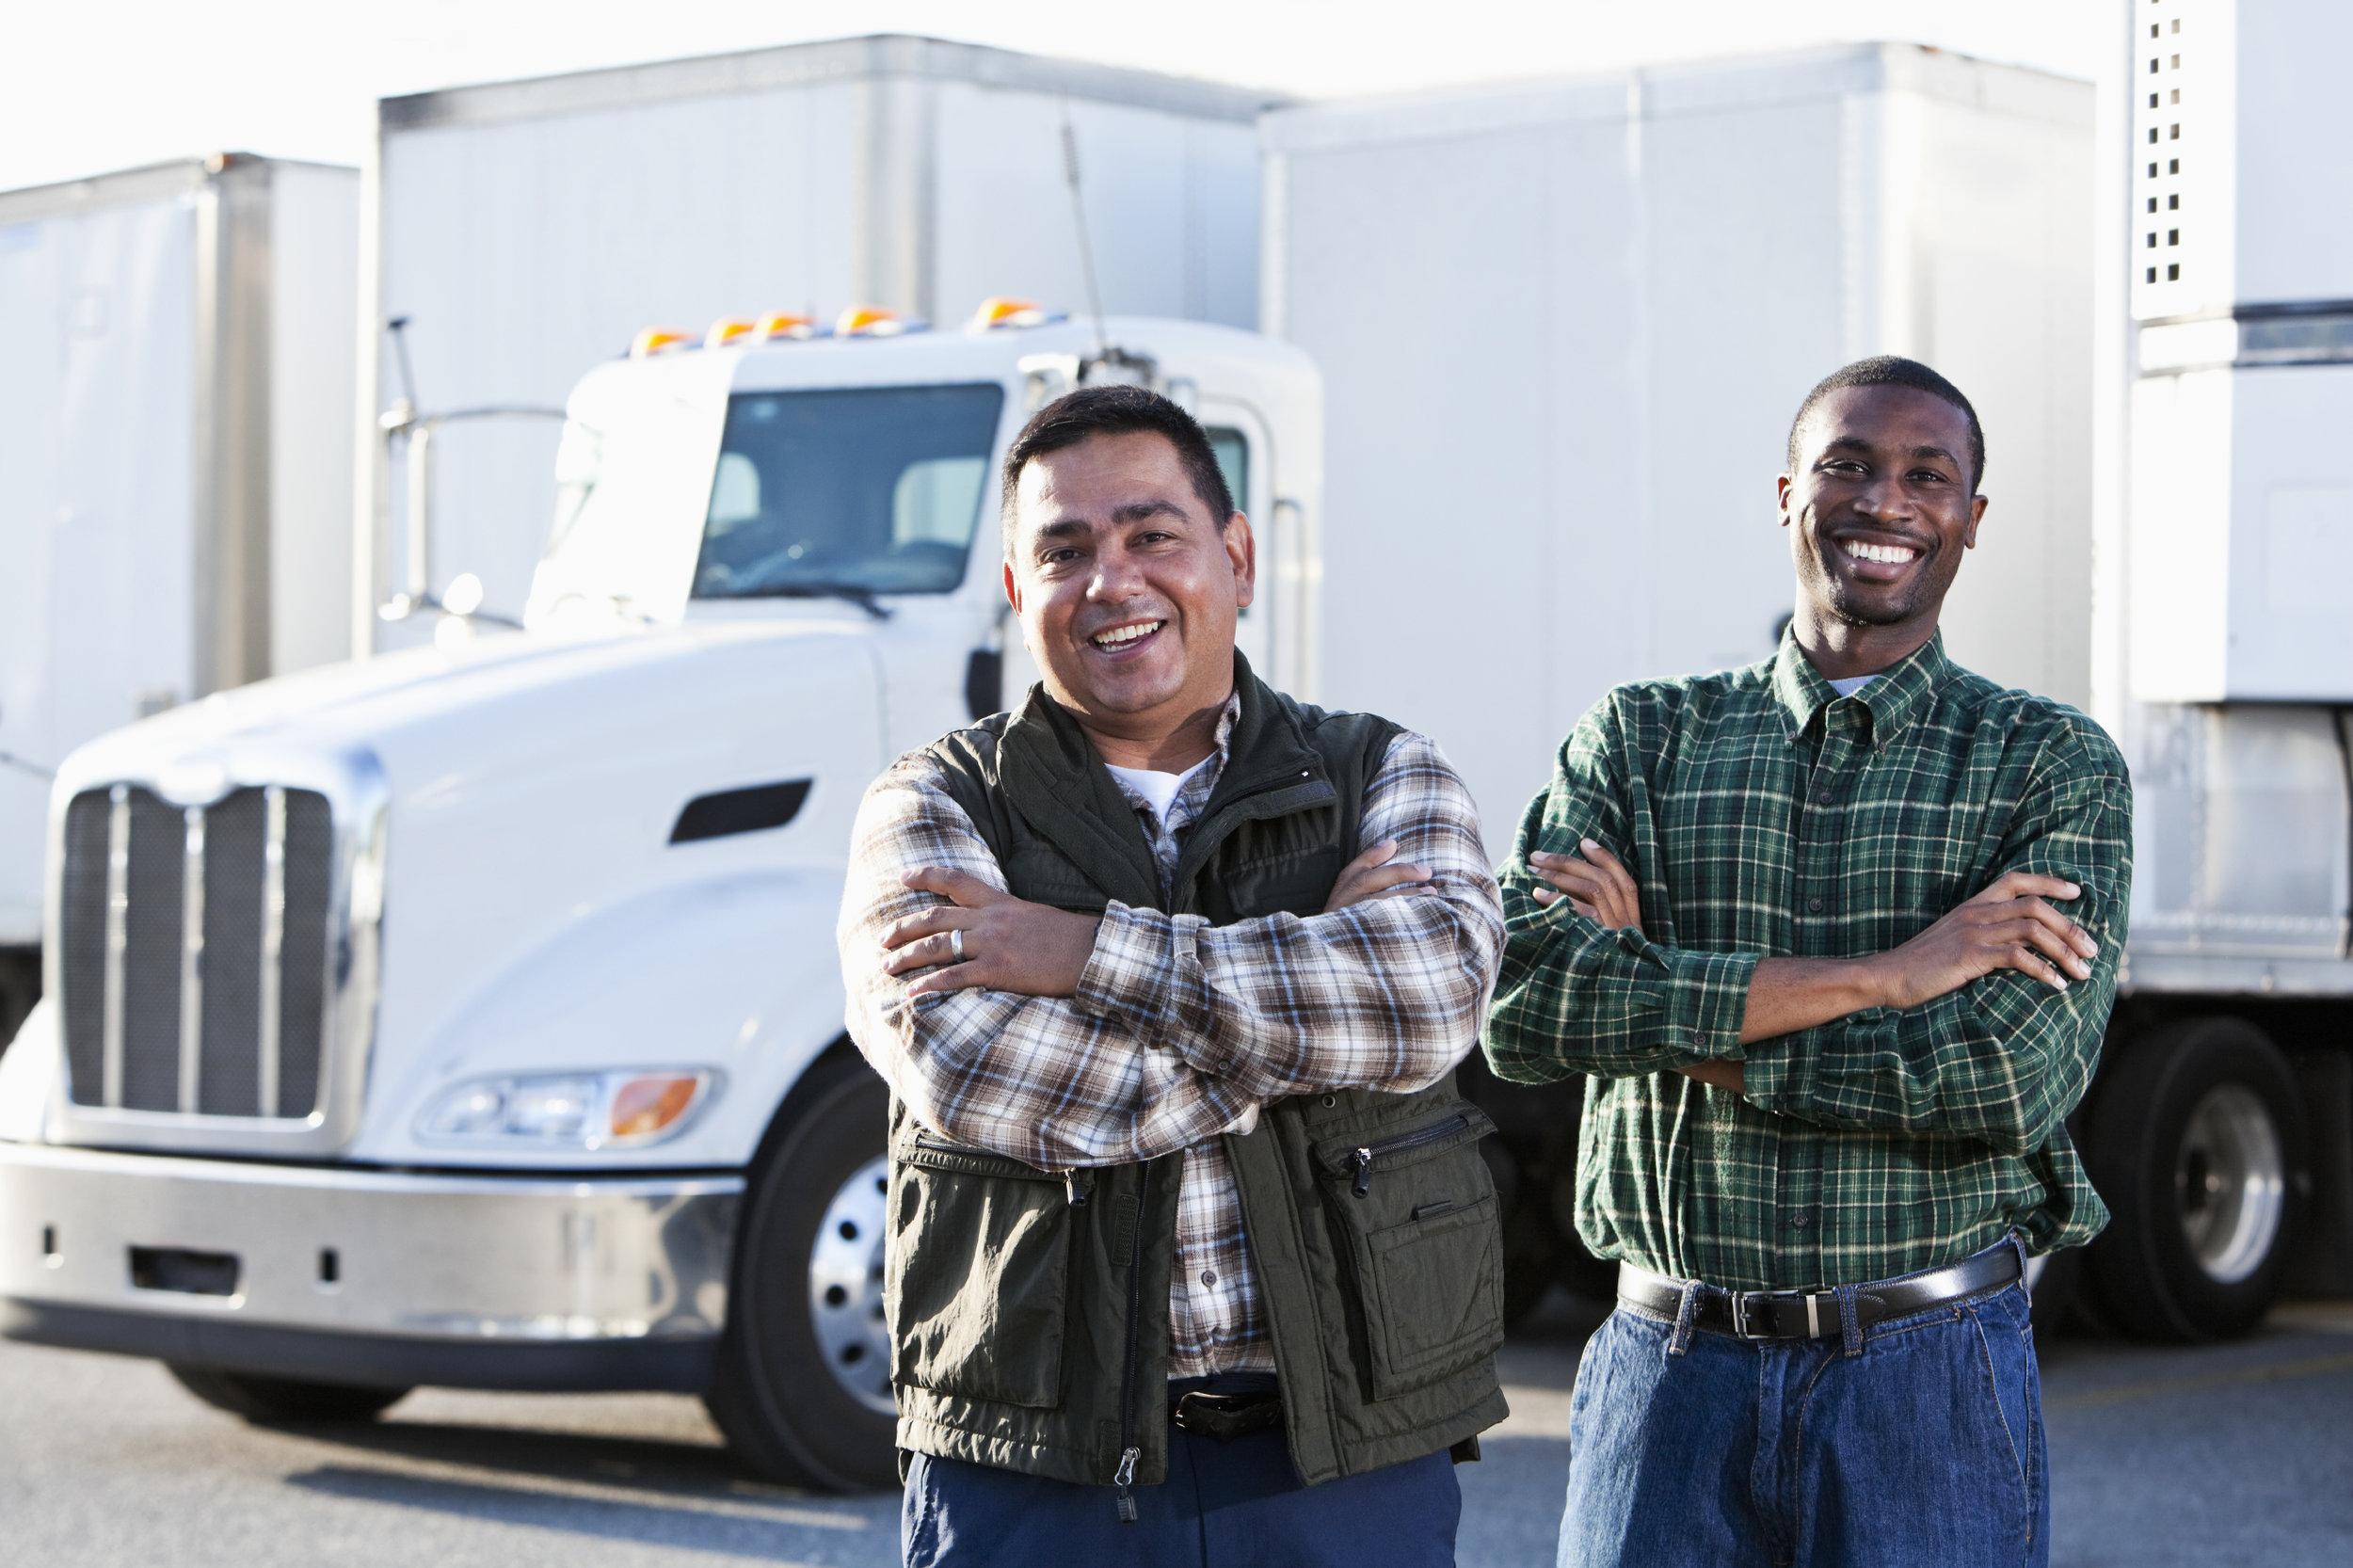 truck-drivers.jpg